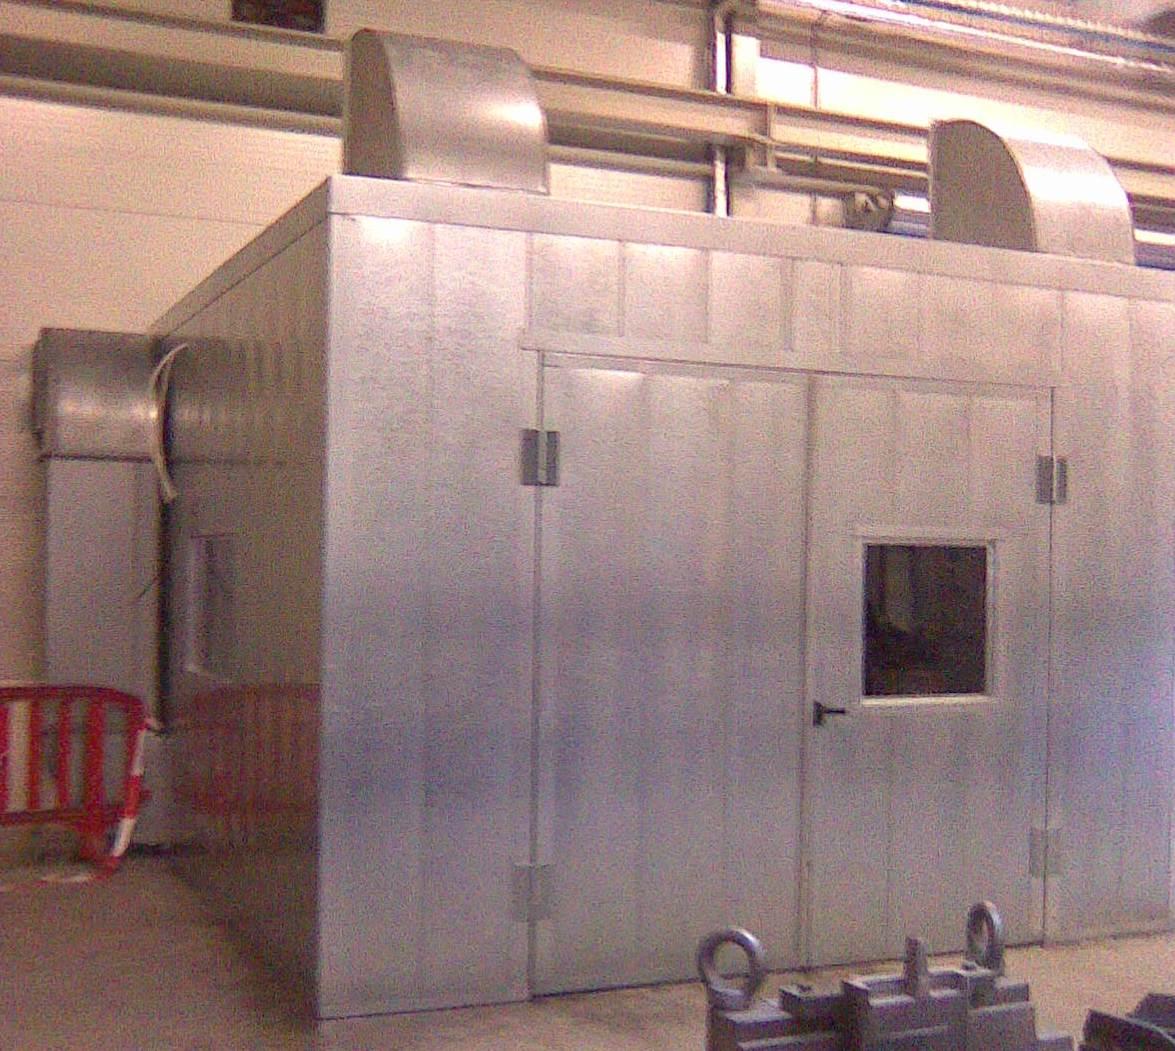 Odhlučňovací panely české výroby